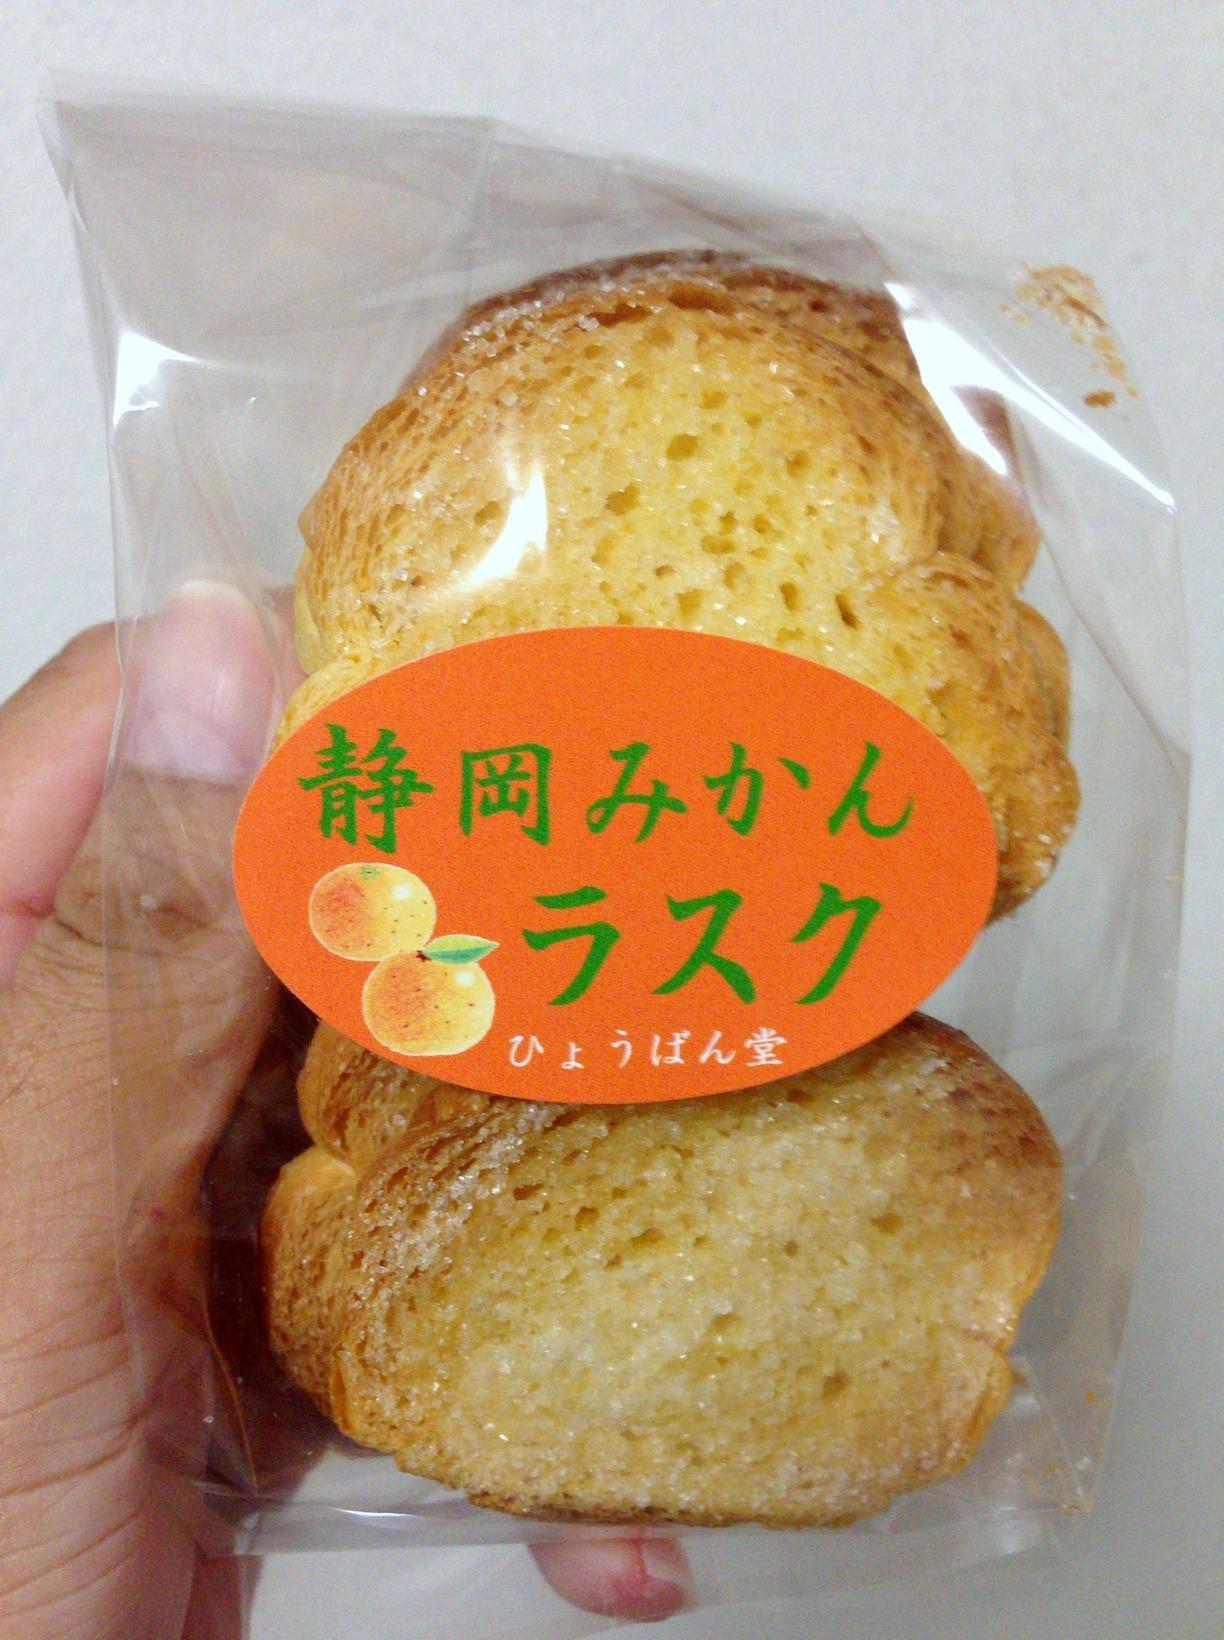 パン工房ひょうばん堂 name=